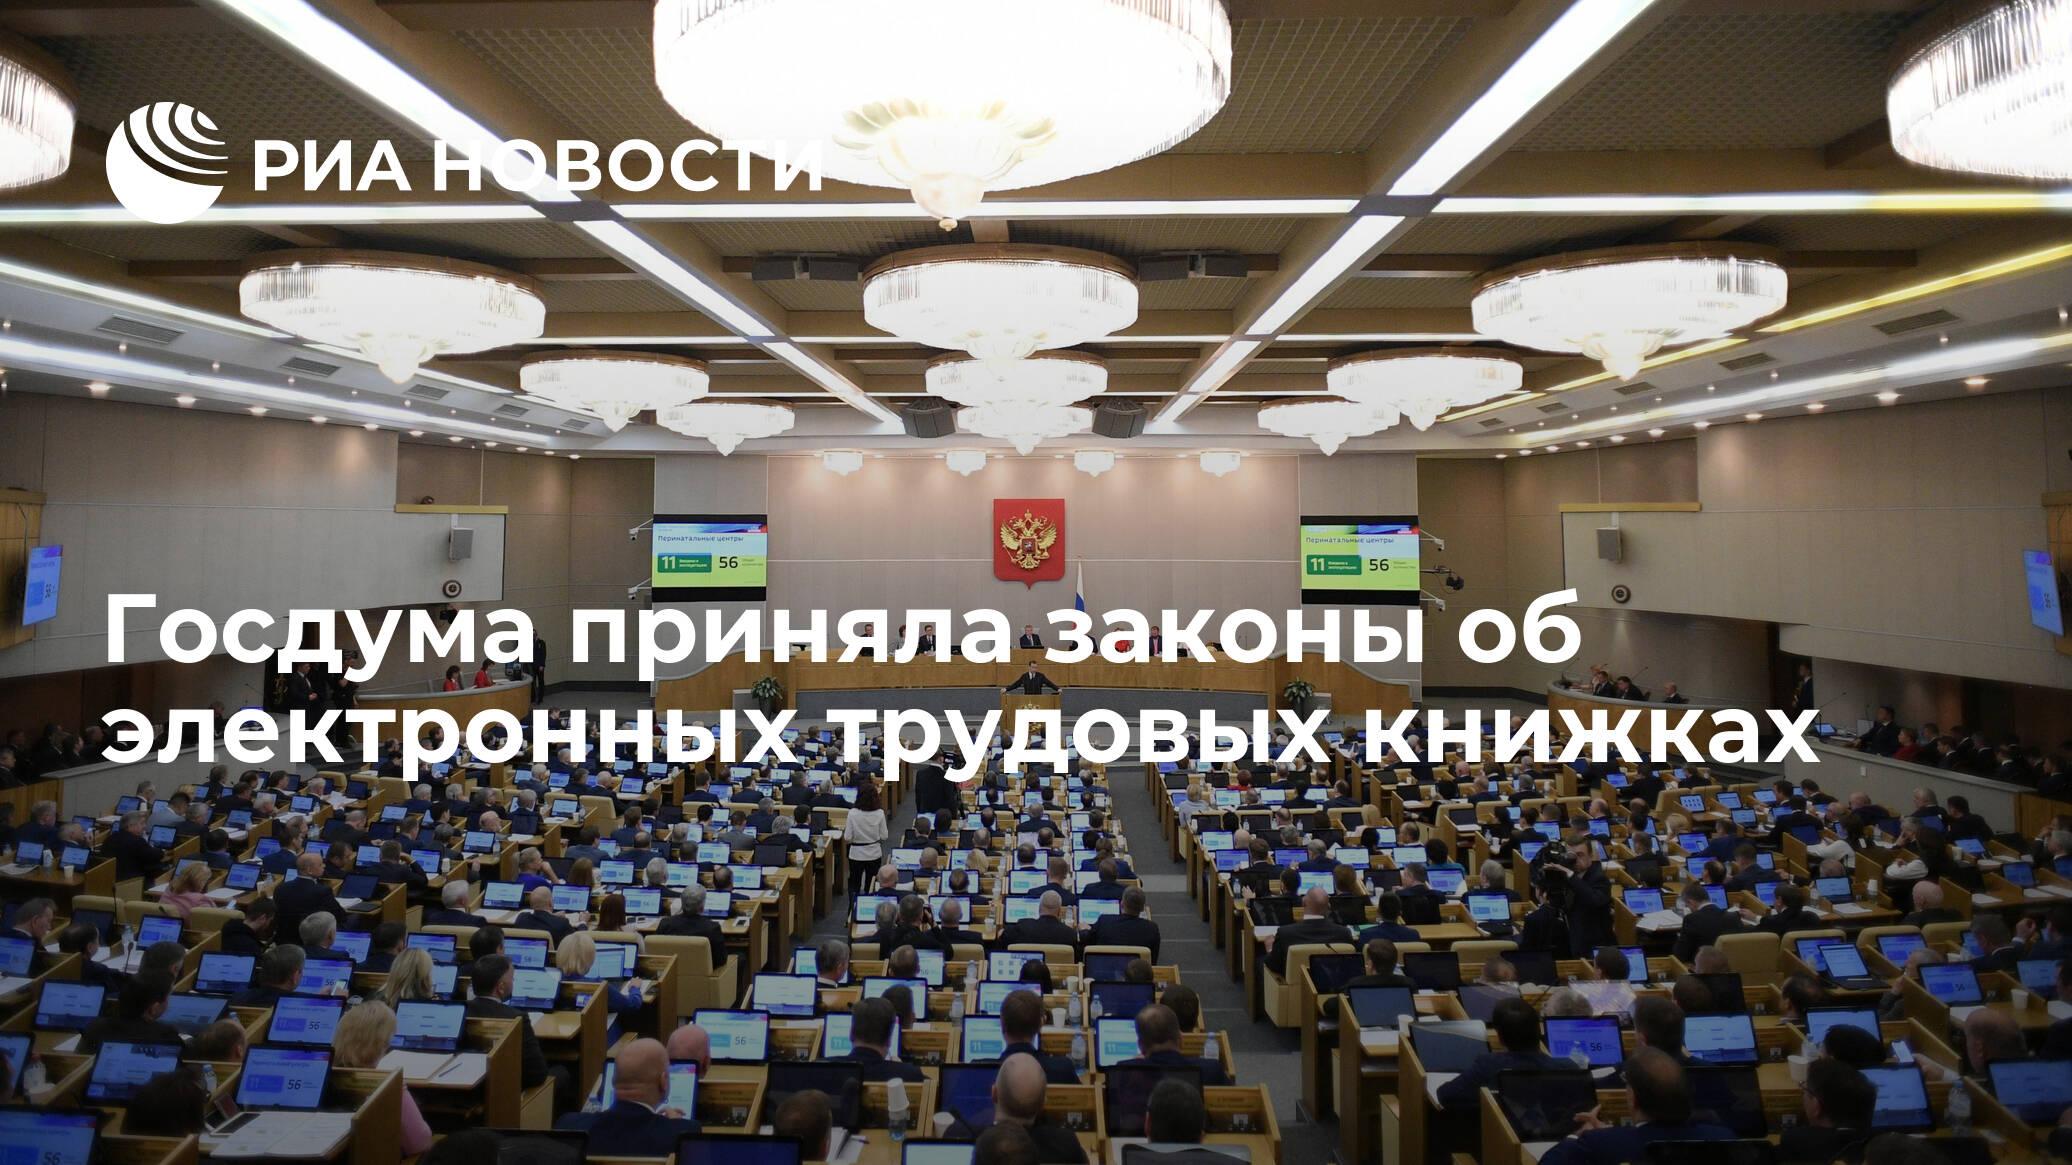 Госдума приняла законы об электронных трудовых книжках